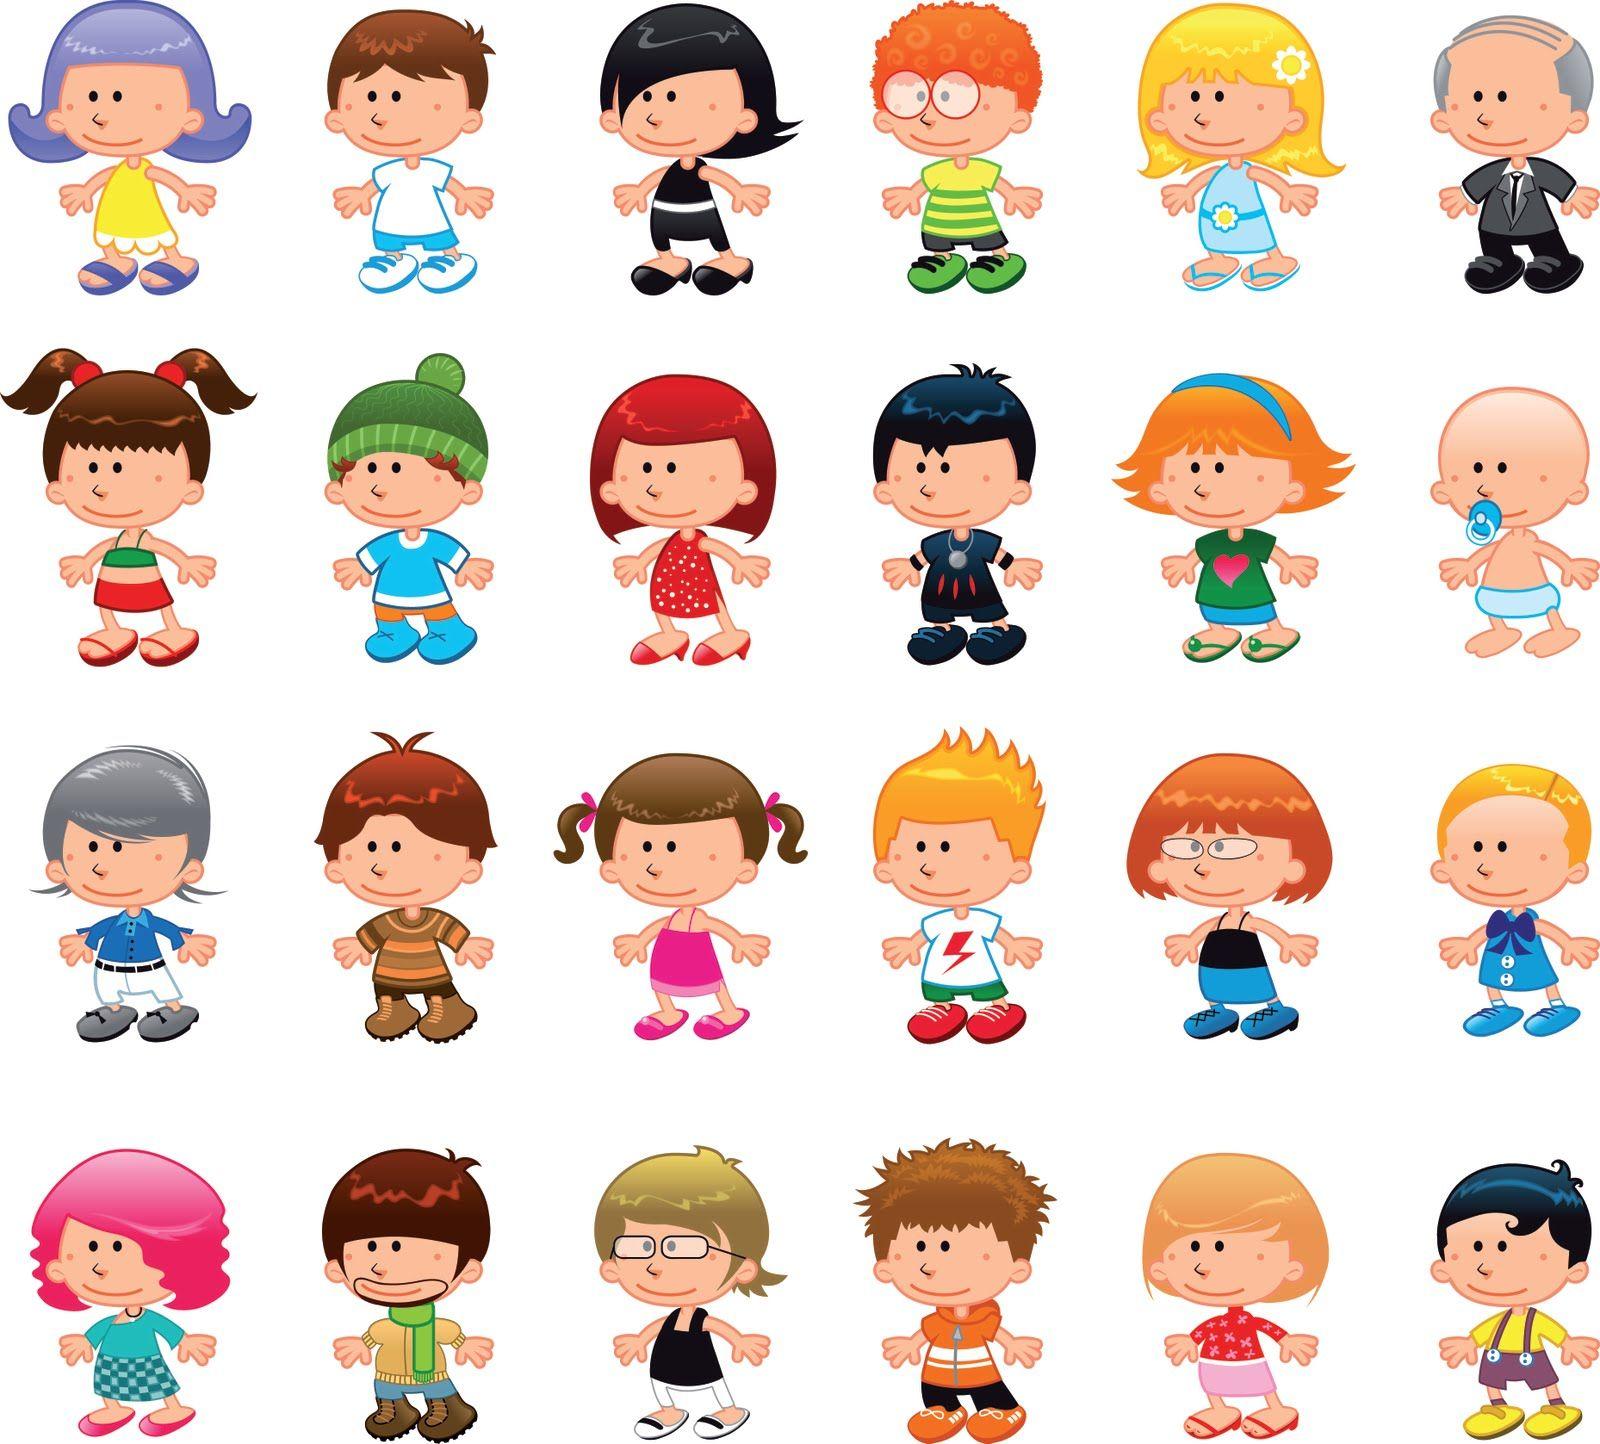 Niños Vector Buscar Con Google Caricaturas De Niños Niños Graduados Animados Clases De Dibujo Para Niños